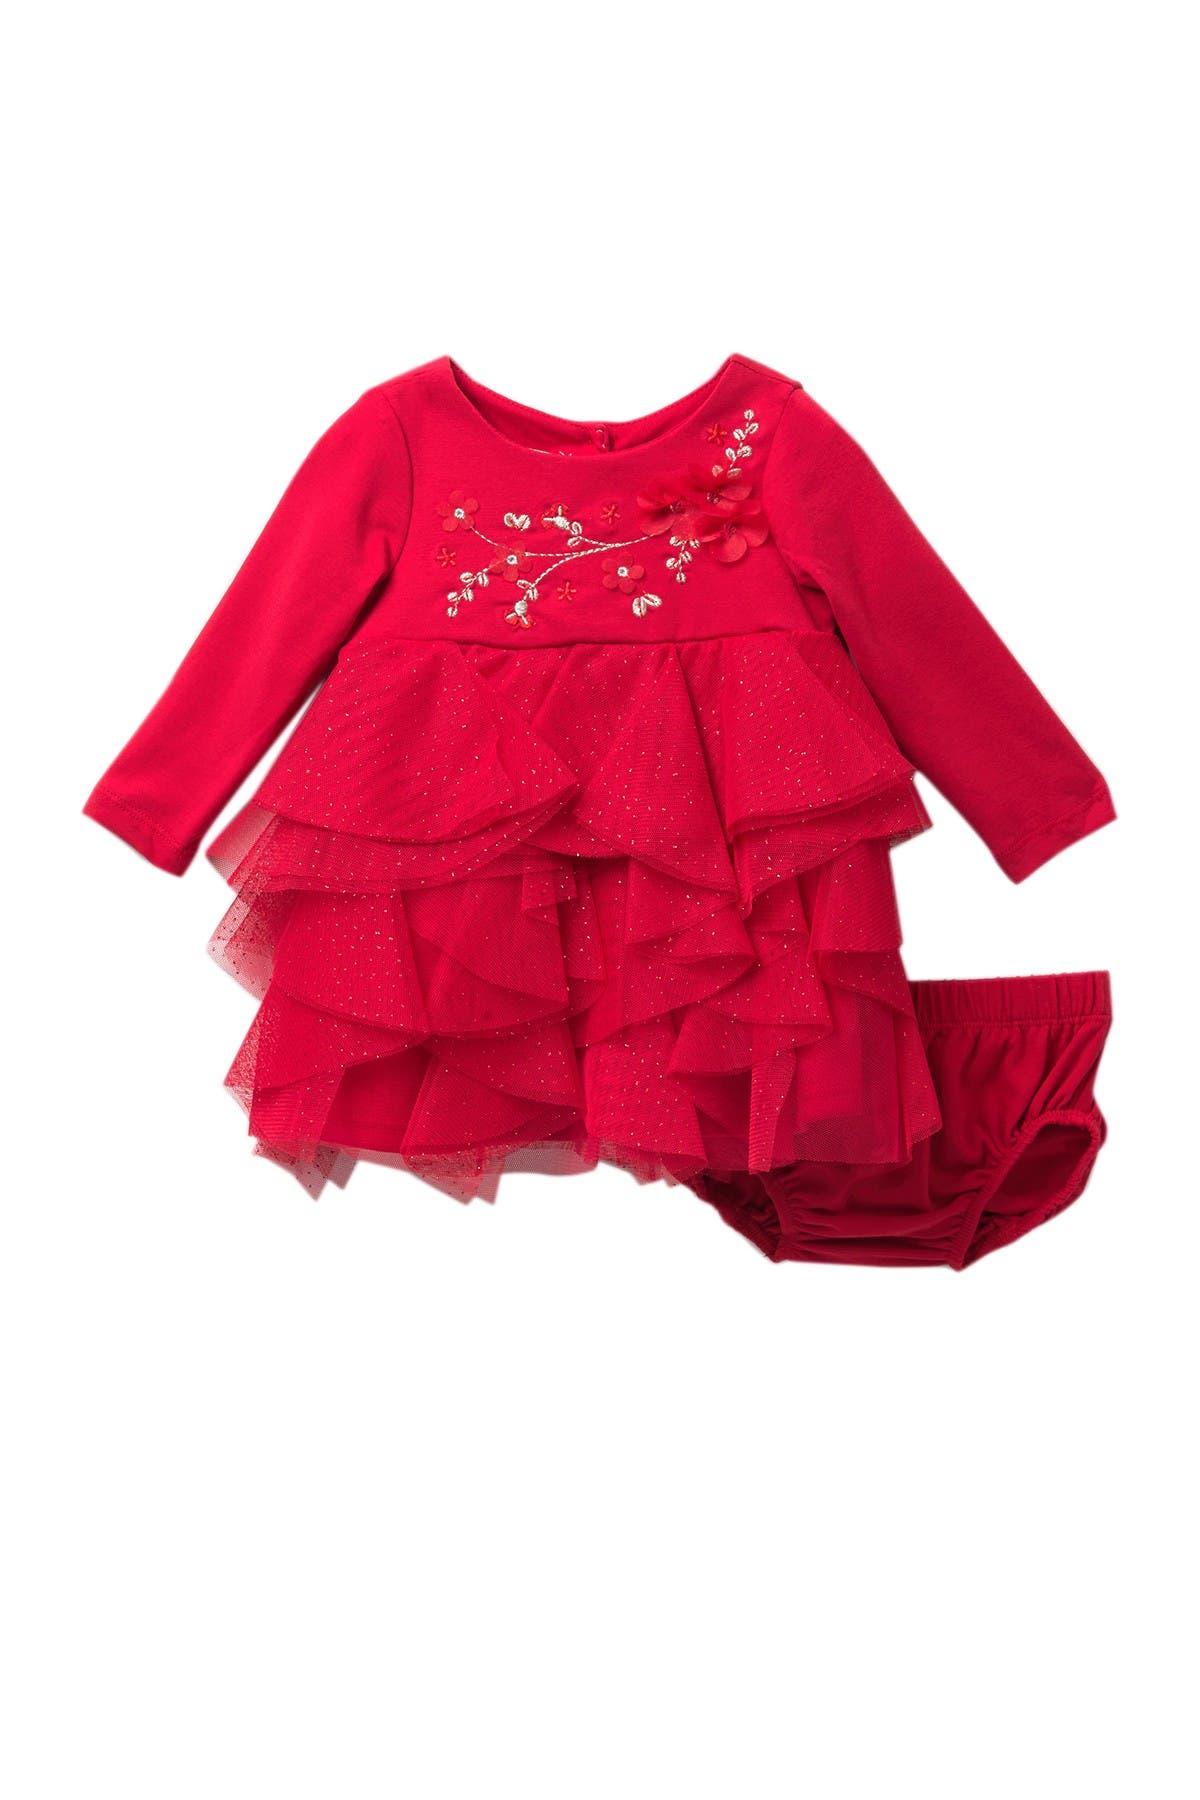 Image of BISCOTTI Ruffled Glitter Dress Set